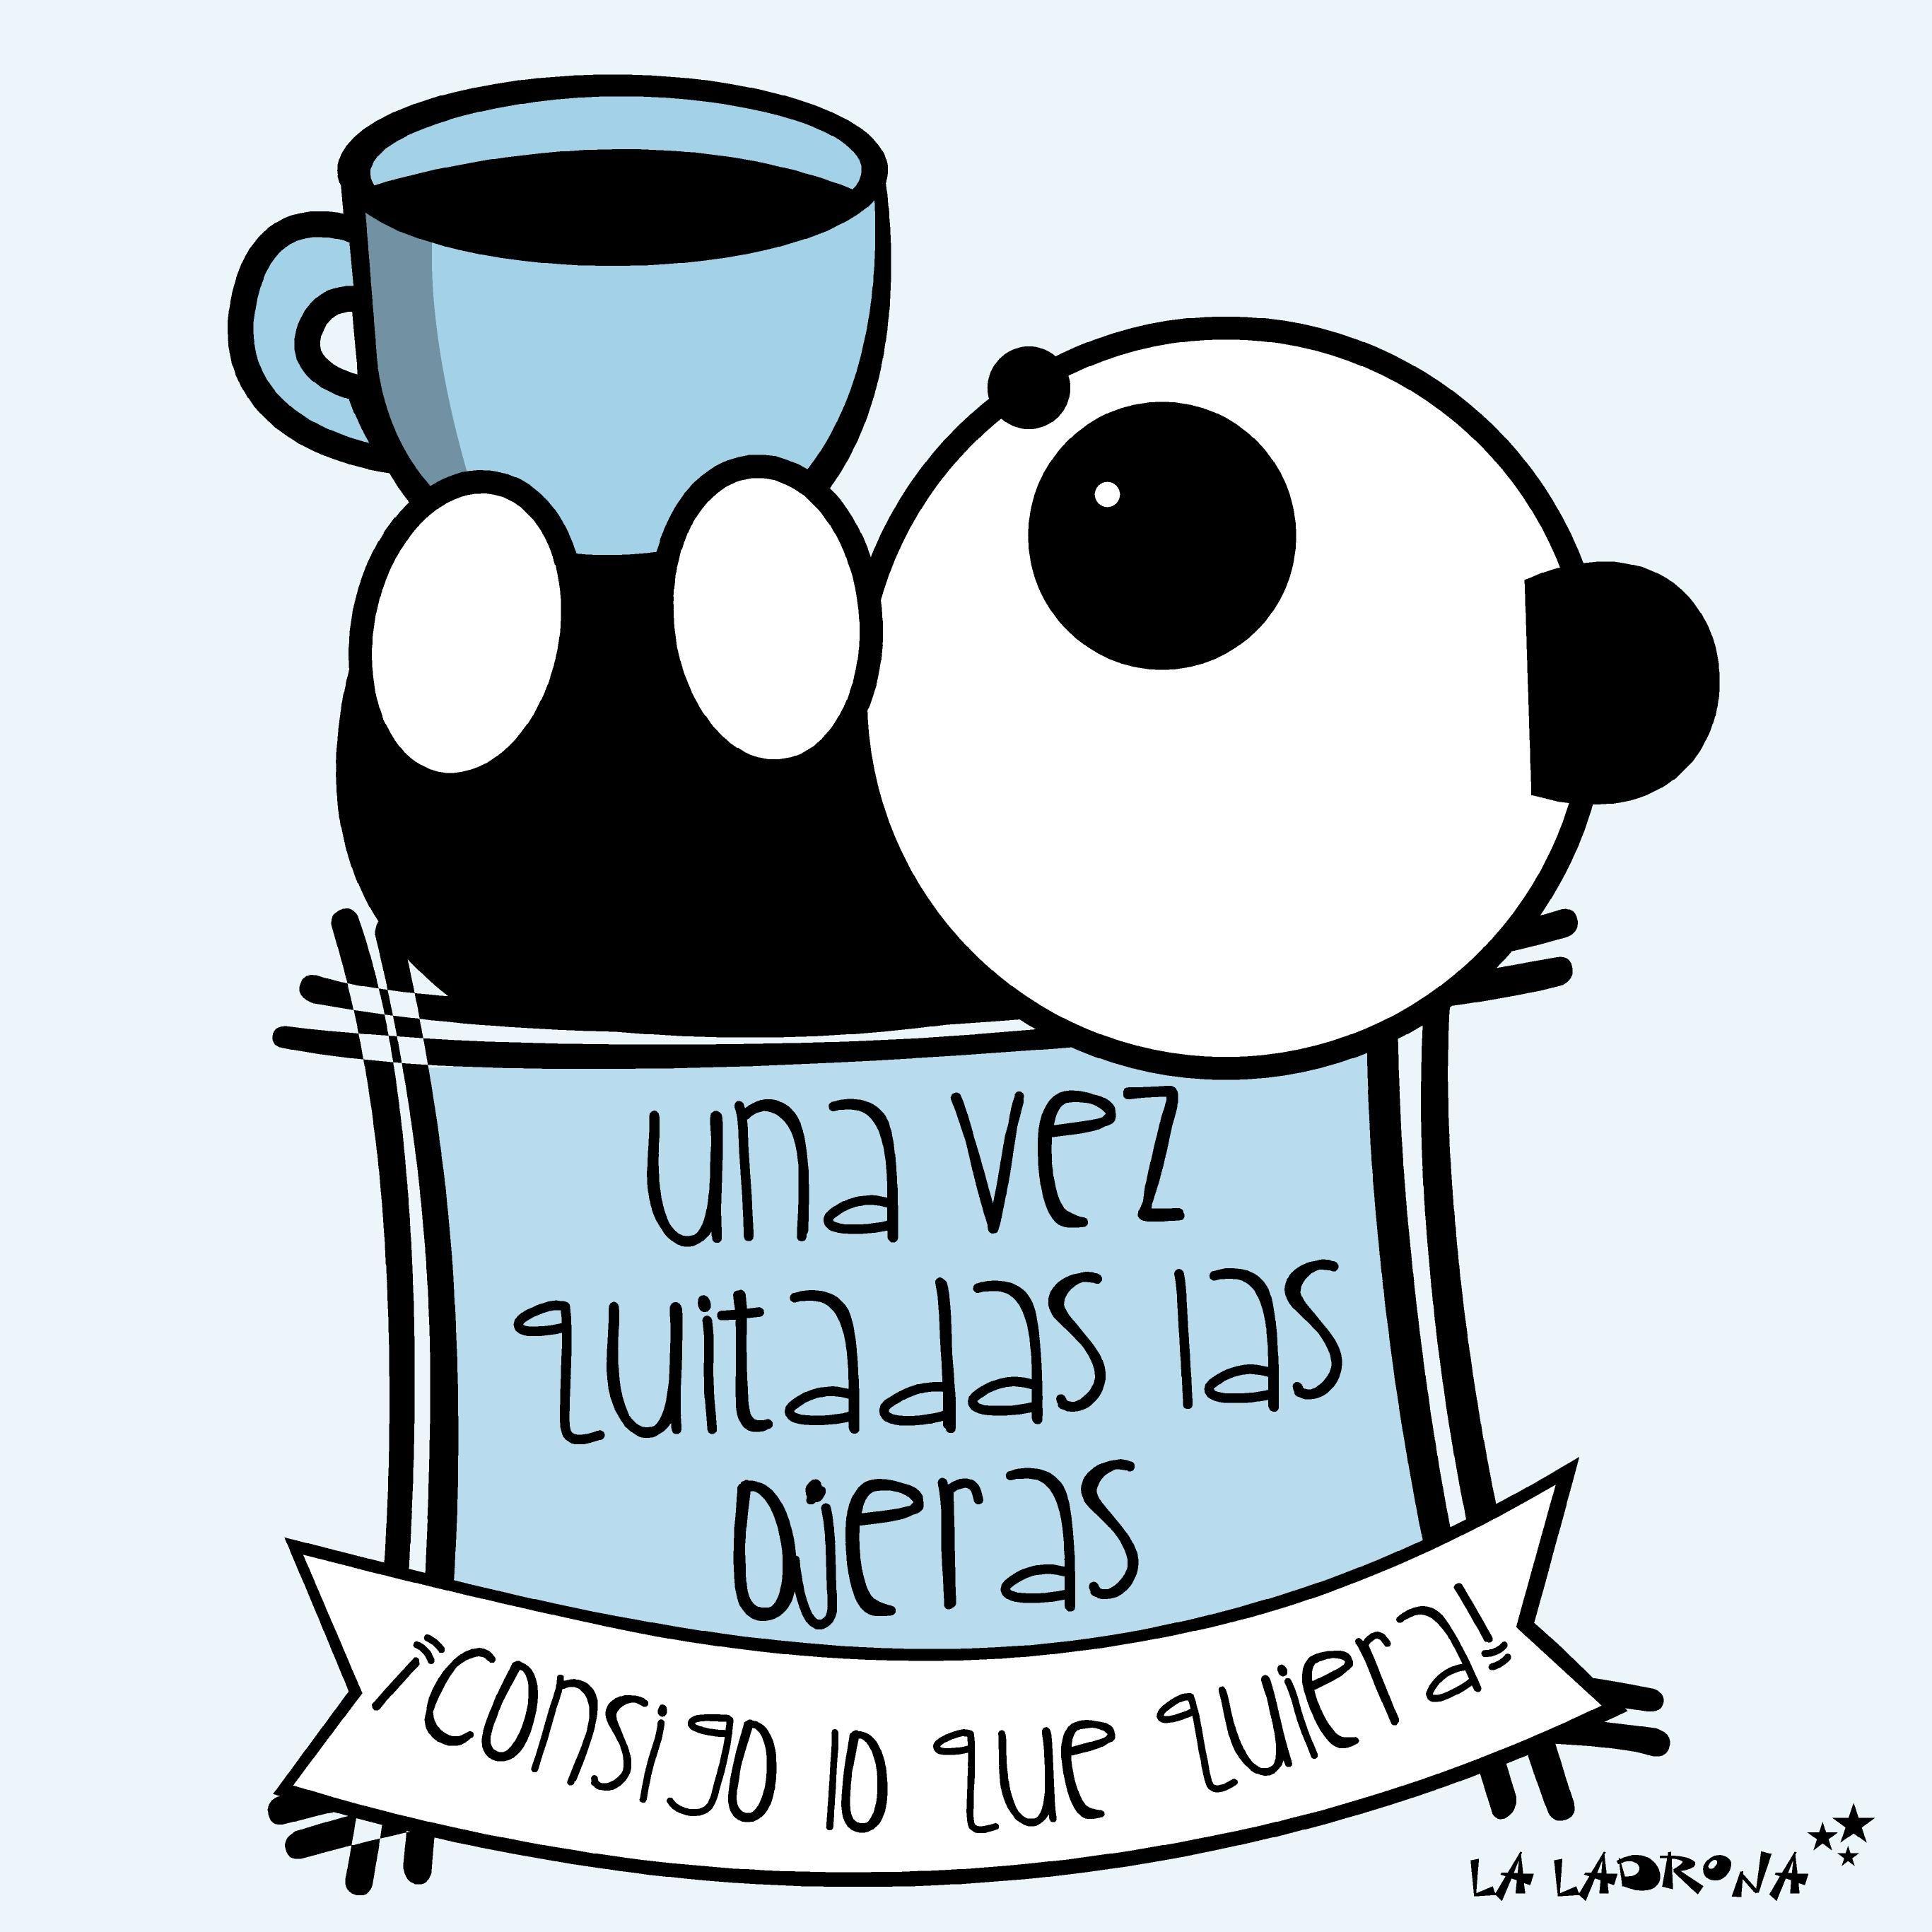 Ilustración. Illustration. ¡Fuera ojeras y al turrón! www.laladronadeestrellas.com